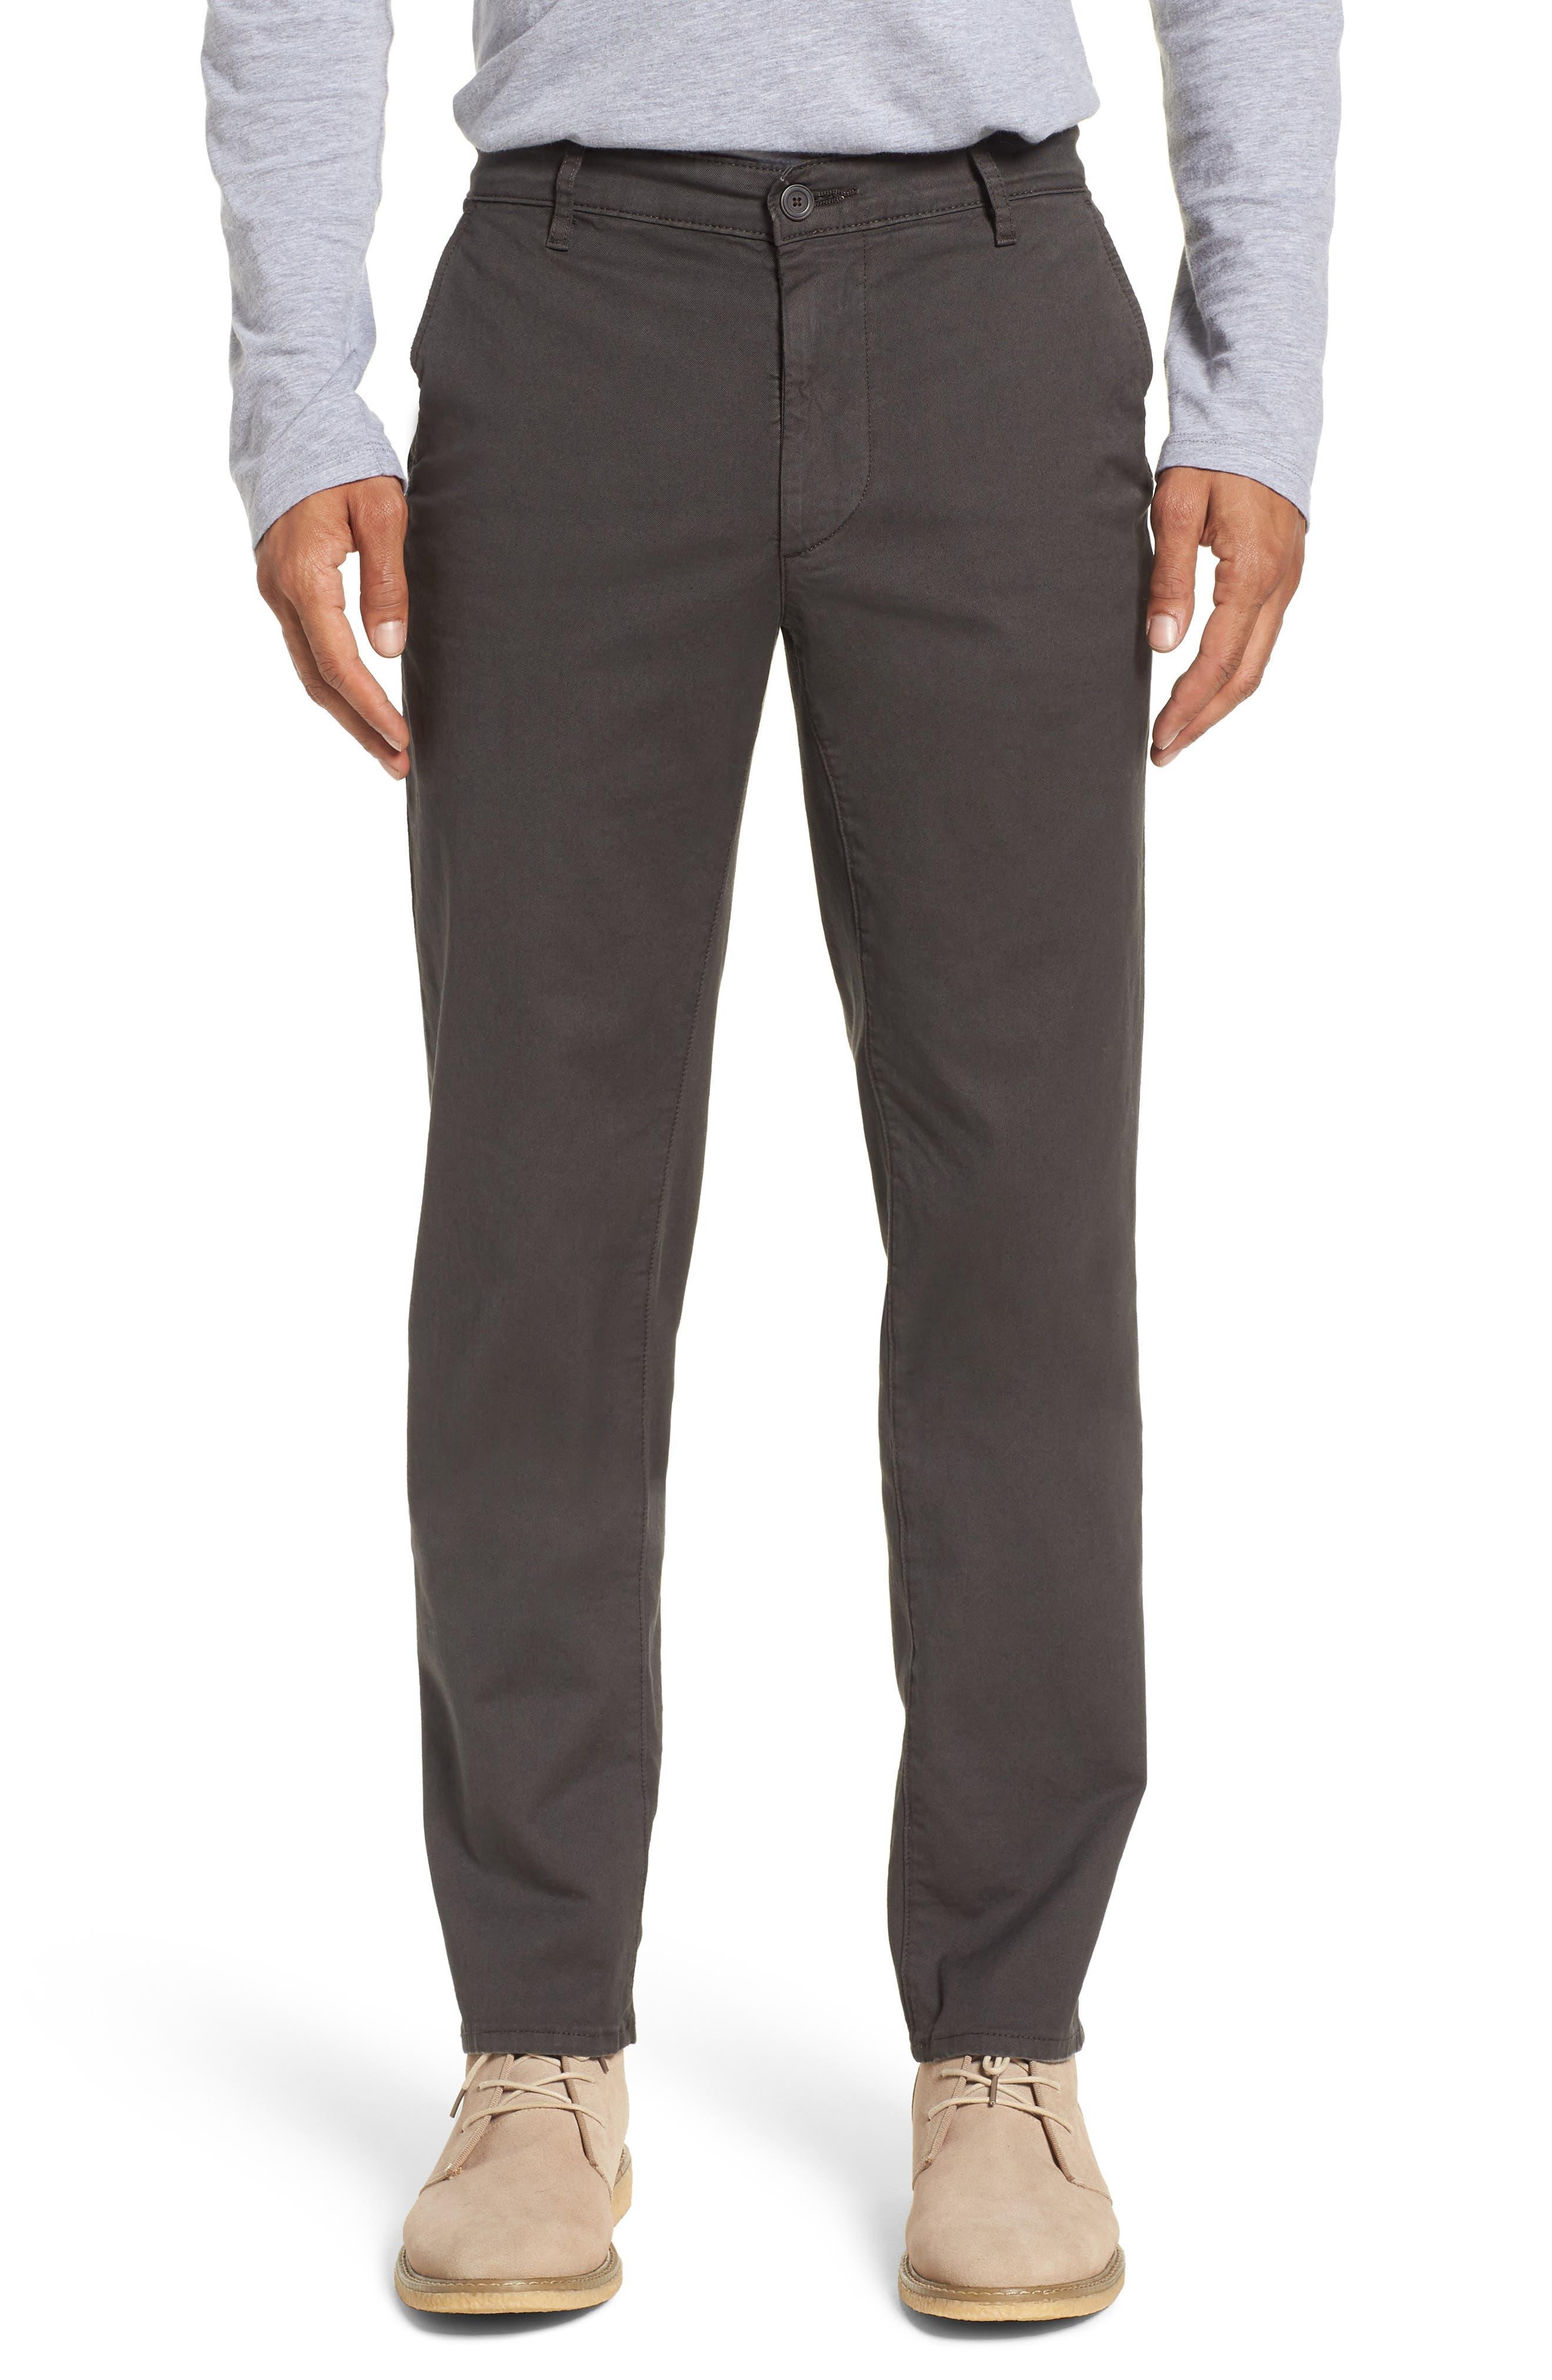 Marshall Slim Straight Leg Chino Pants,                         Main,                         color, Sulfur Smoke Grey